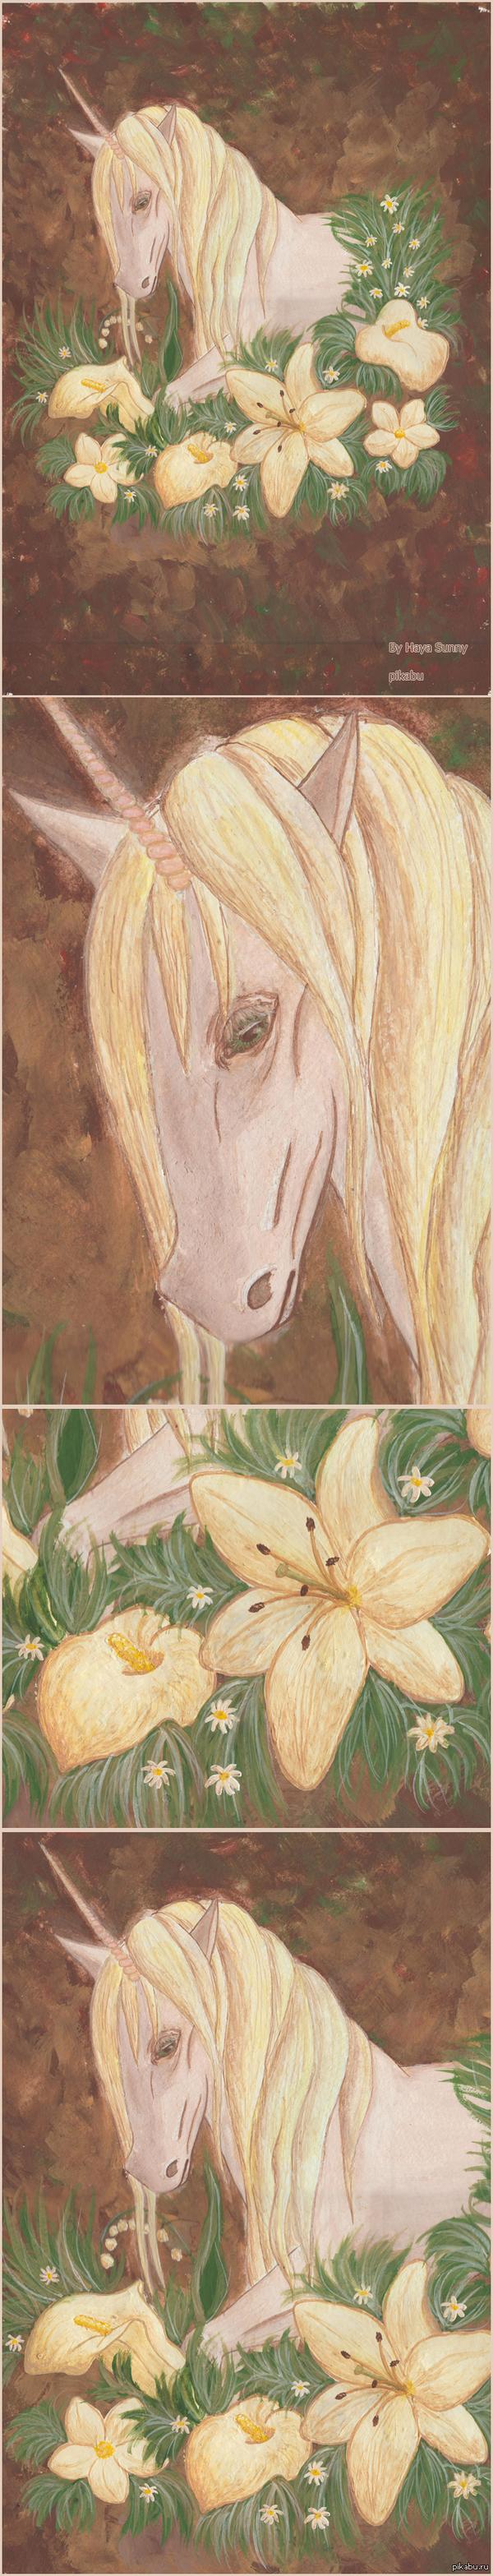 Образ из сна. Этот образ я скопировала из сна. Основное рисовала гуашью, цветы акрилом.